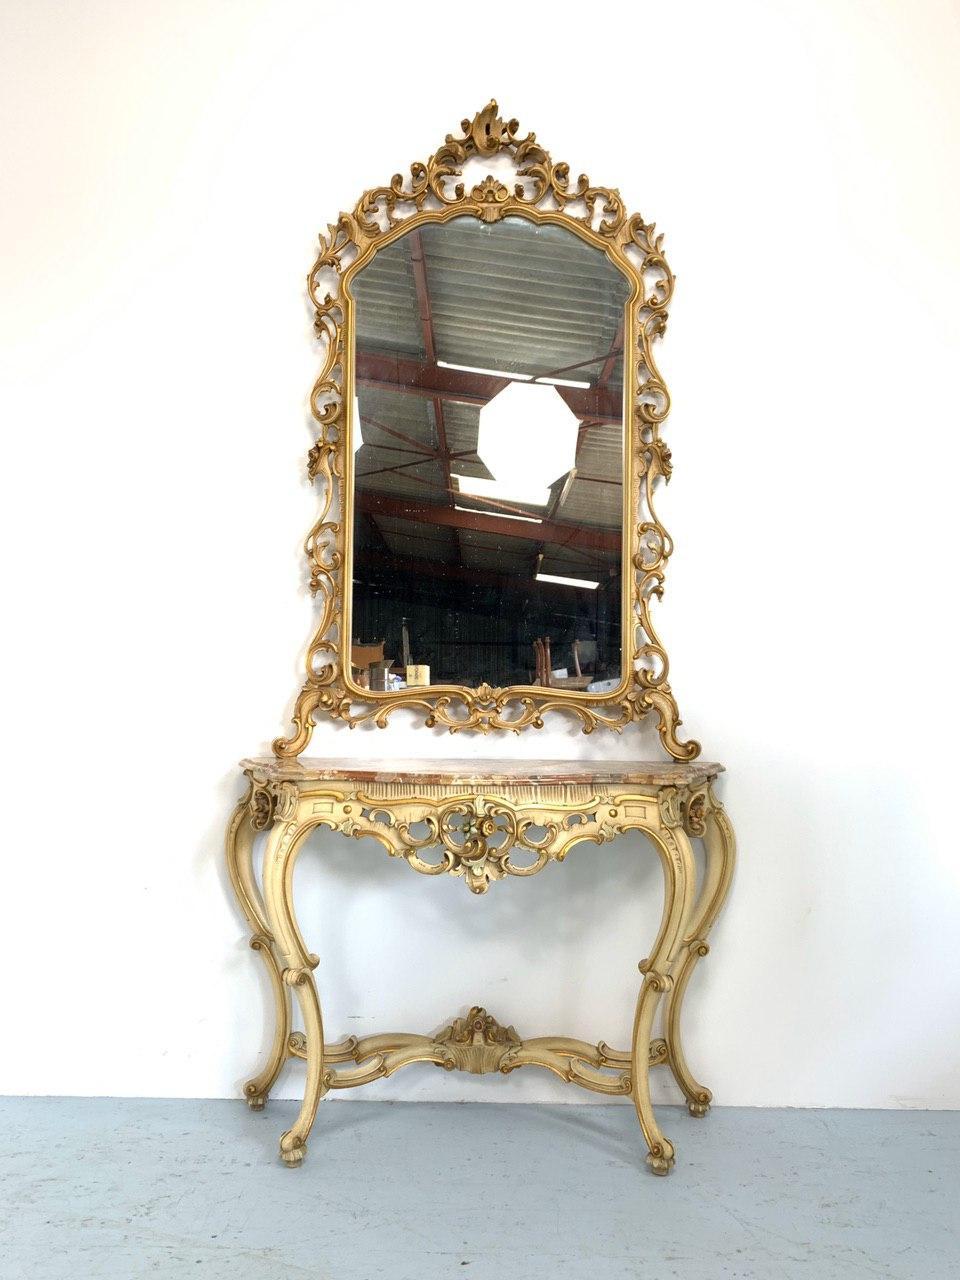 Винтажная консоль с зеркалом в Венецианском стиле